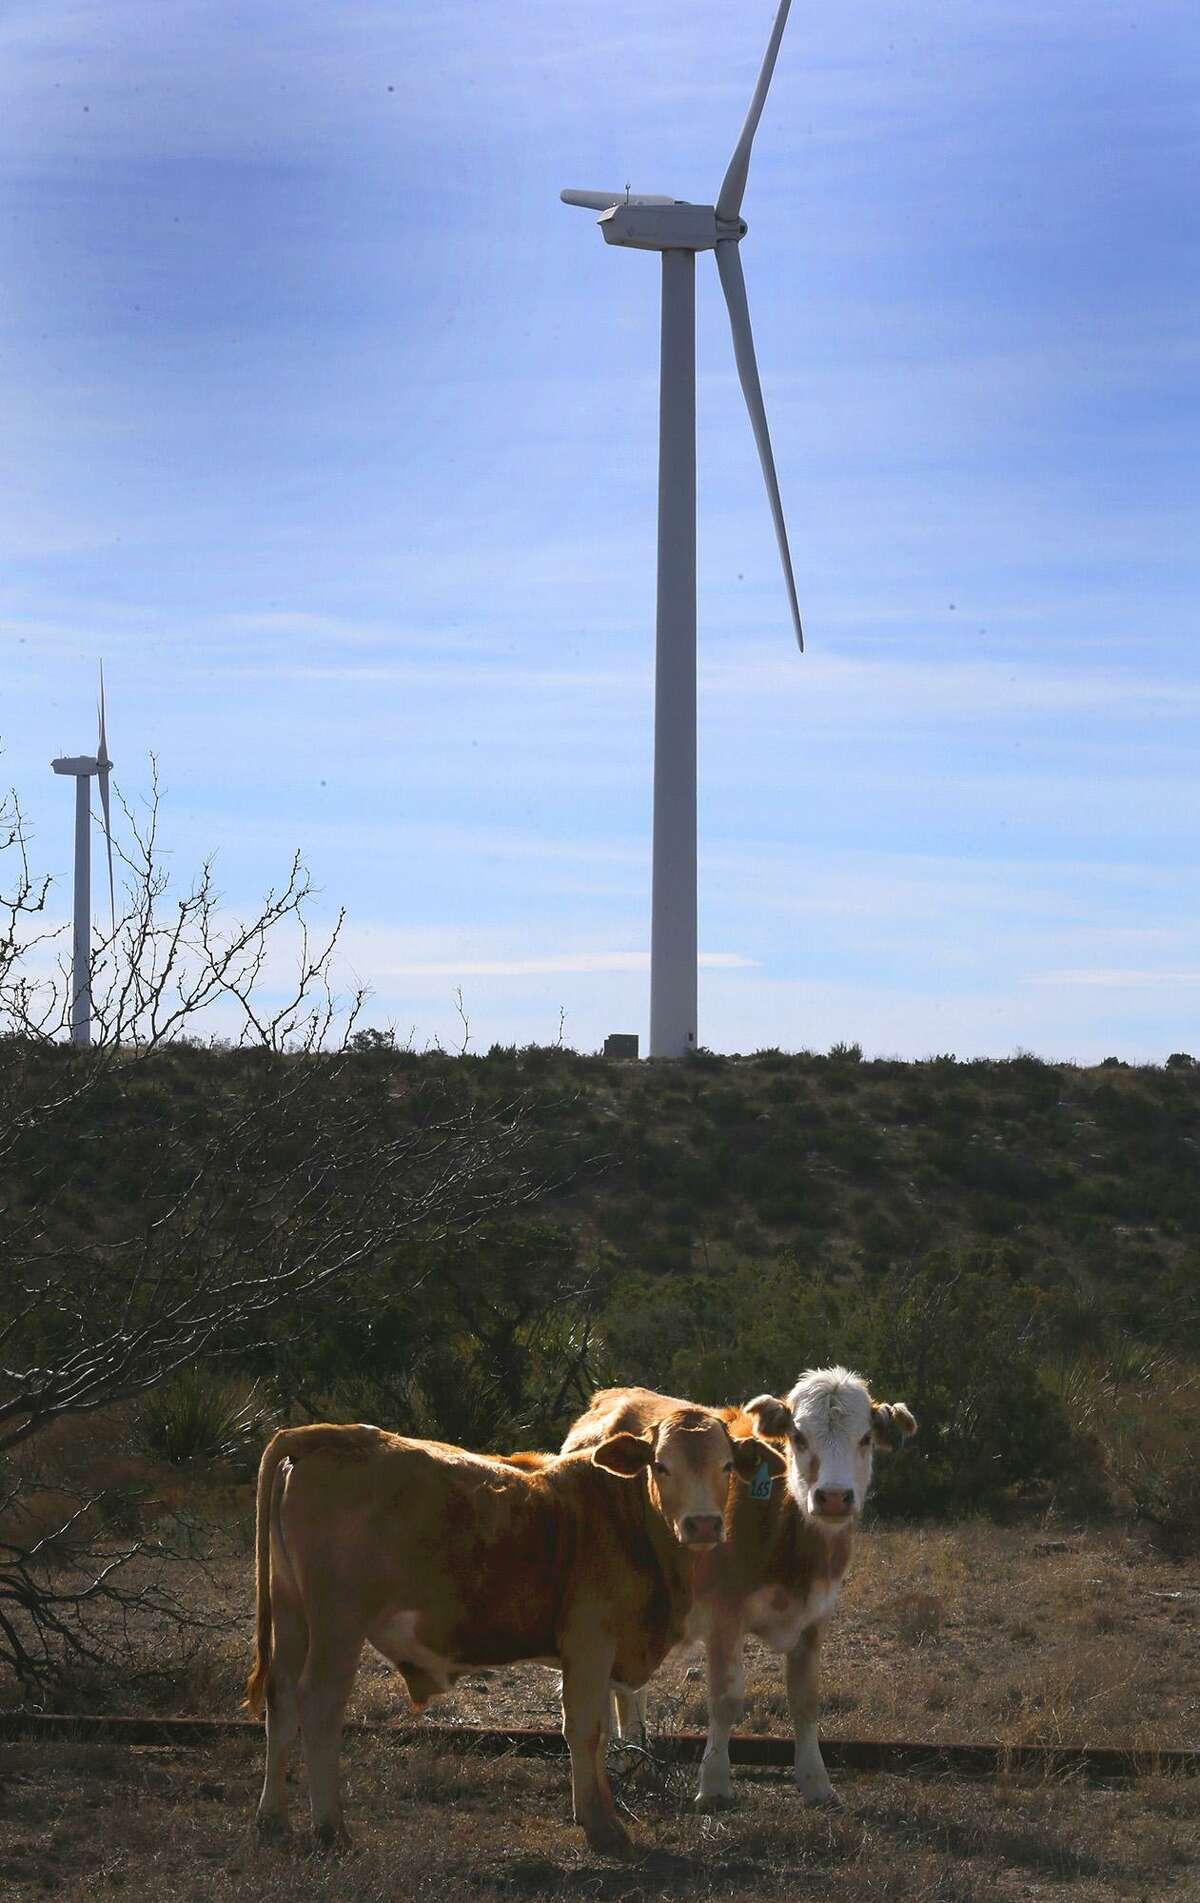 Cattle roam beneath wind turbines in West Texas.